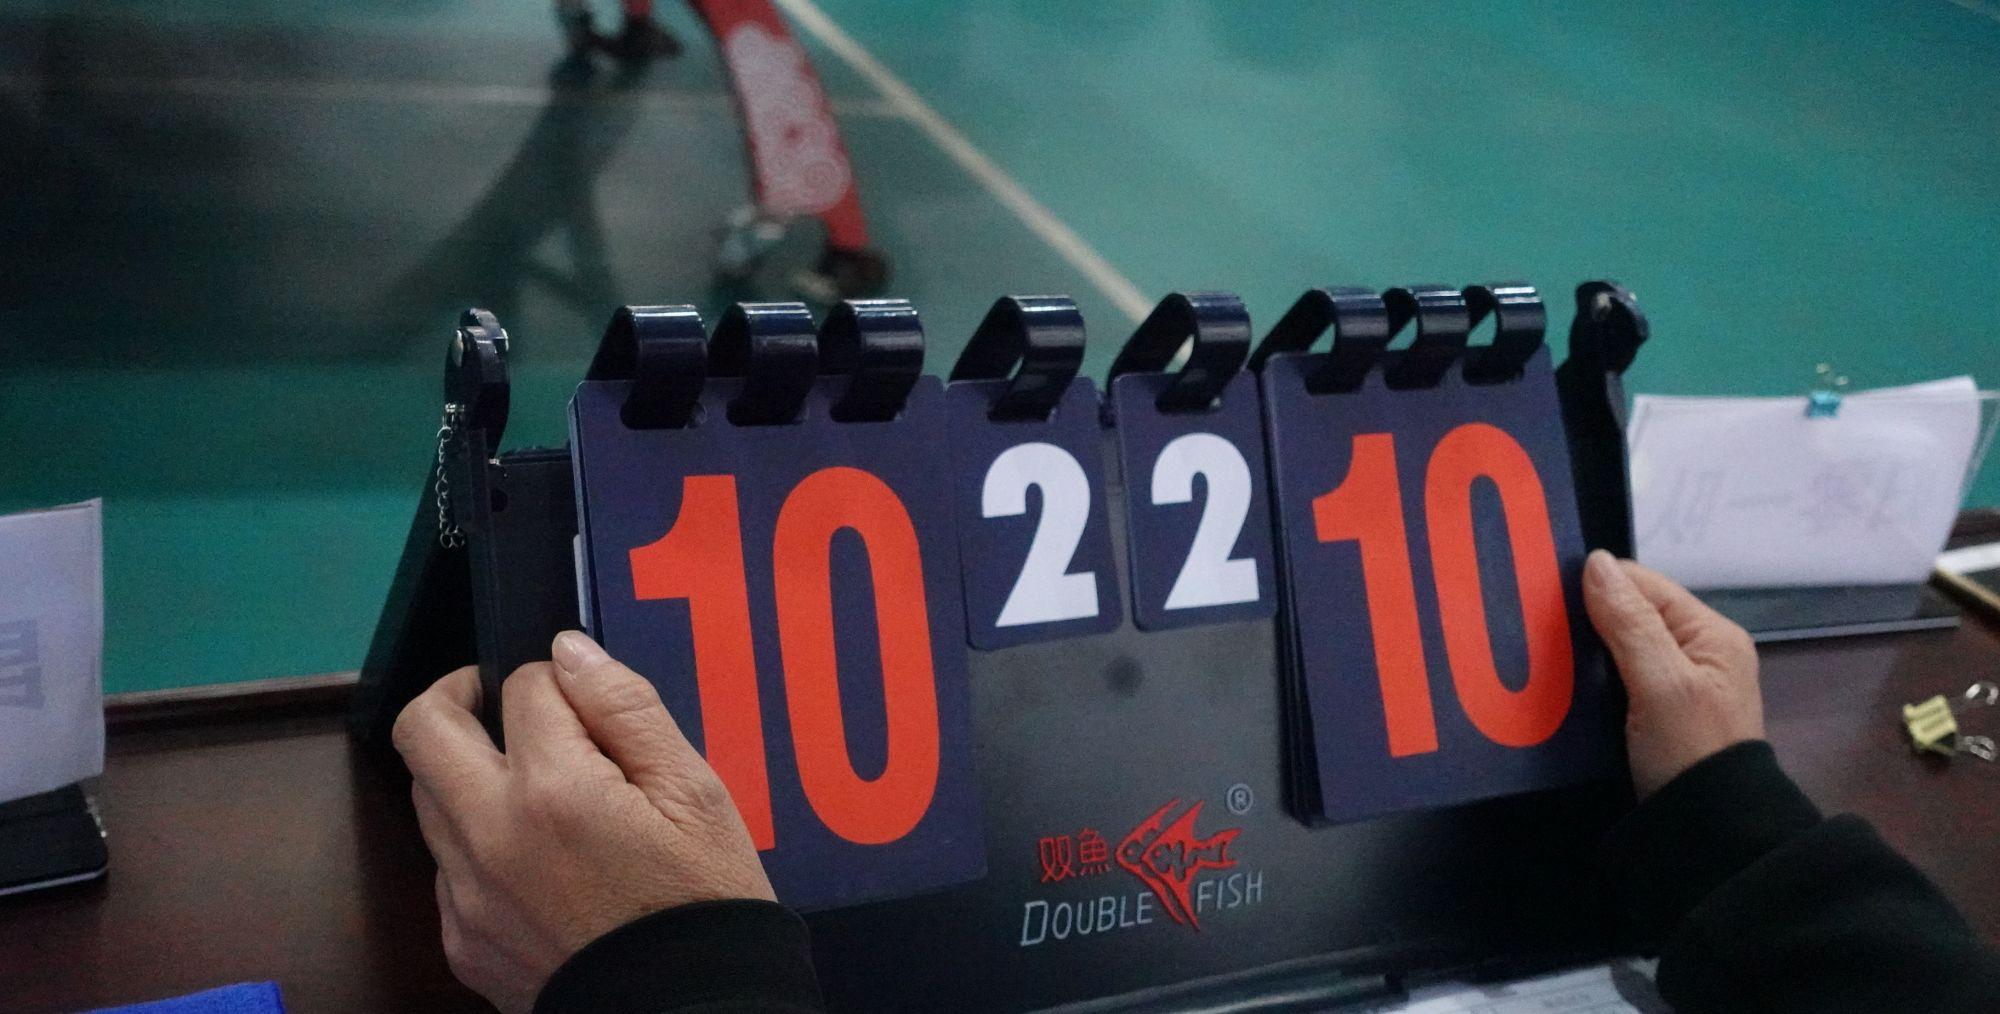 2020年魅力秦泰乒羽俱乐部乒乓球周年庆典赛精彩集锦